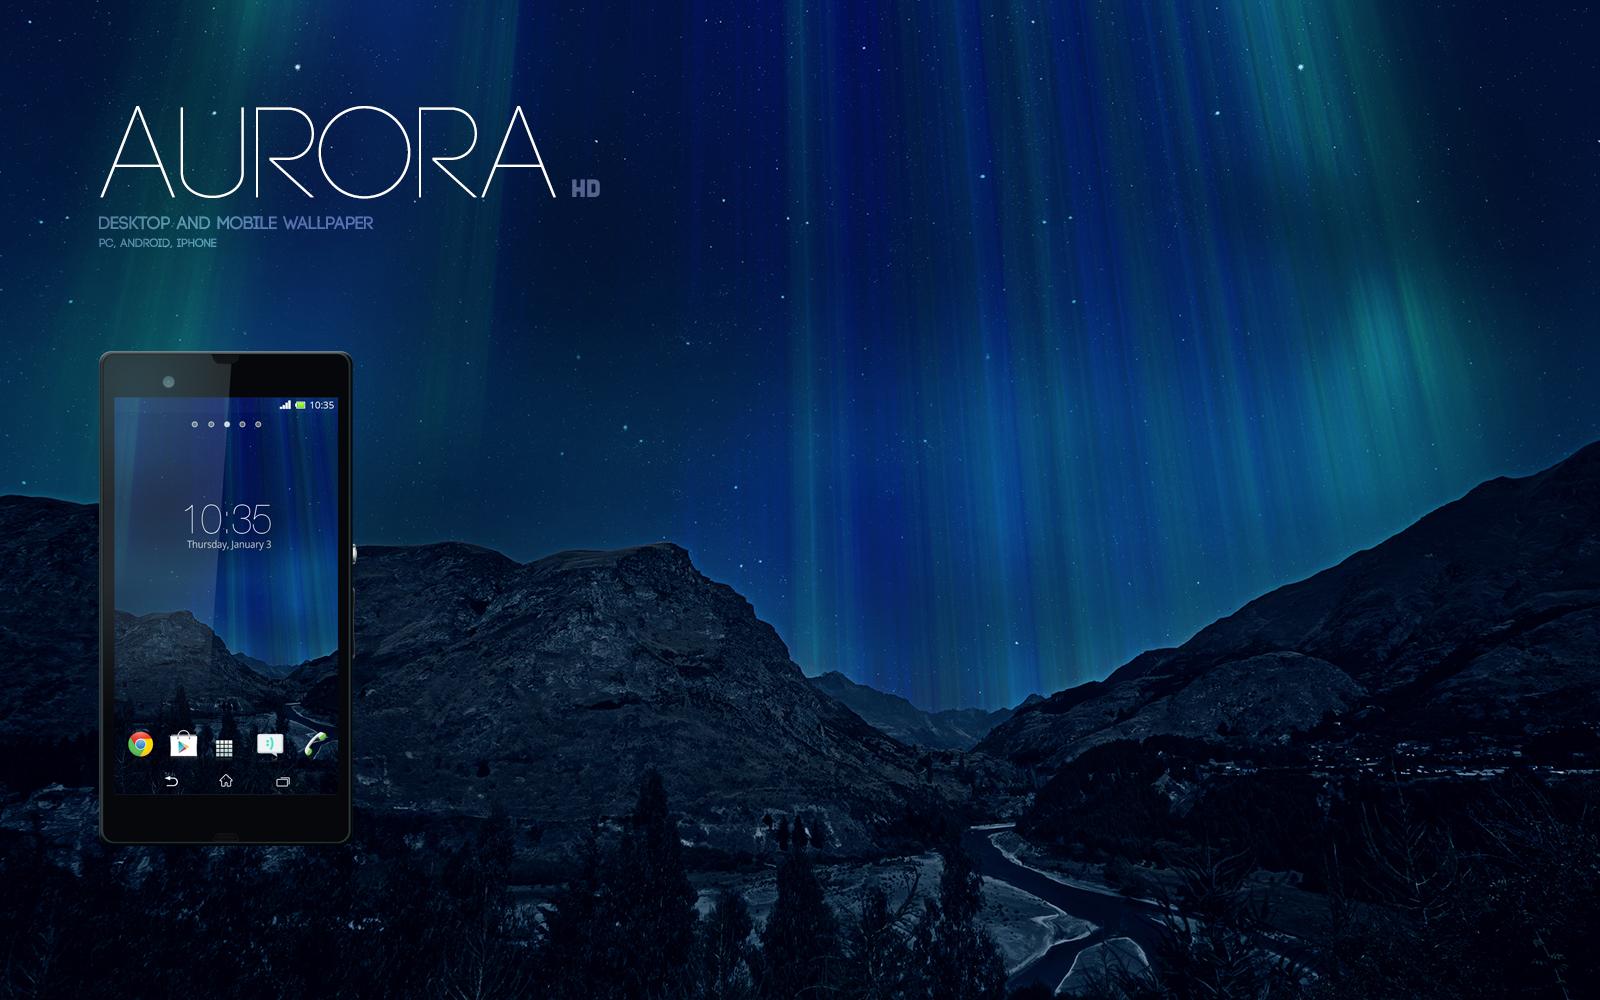 Aurora Wallpaper by Martz90